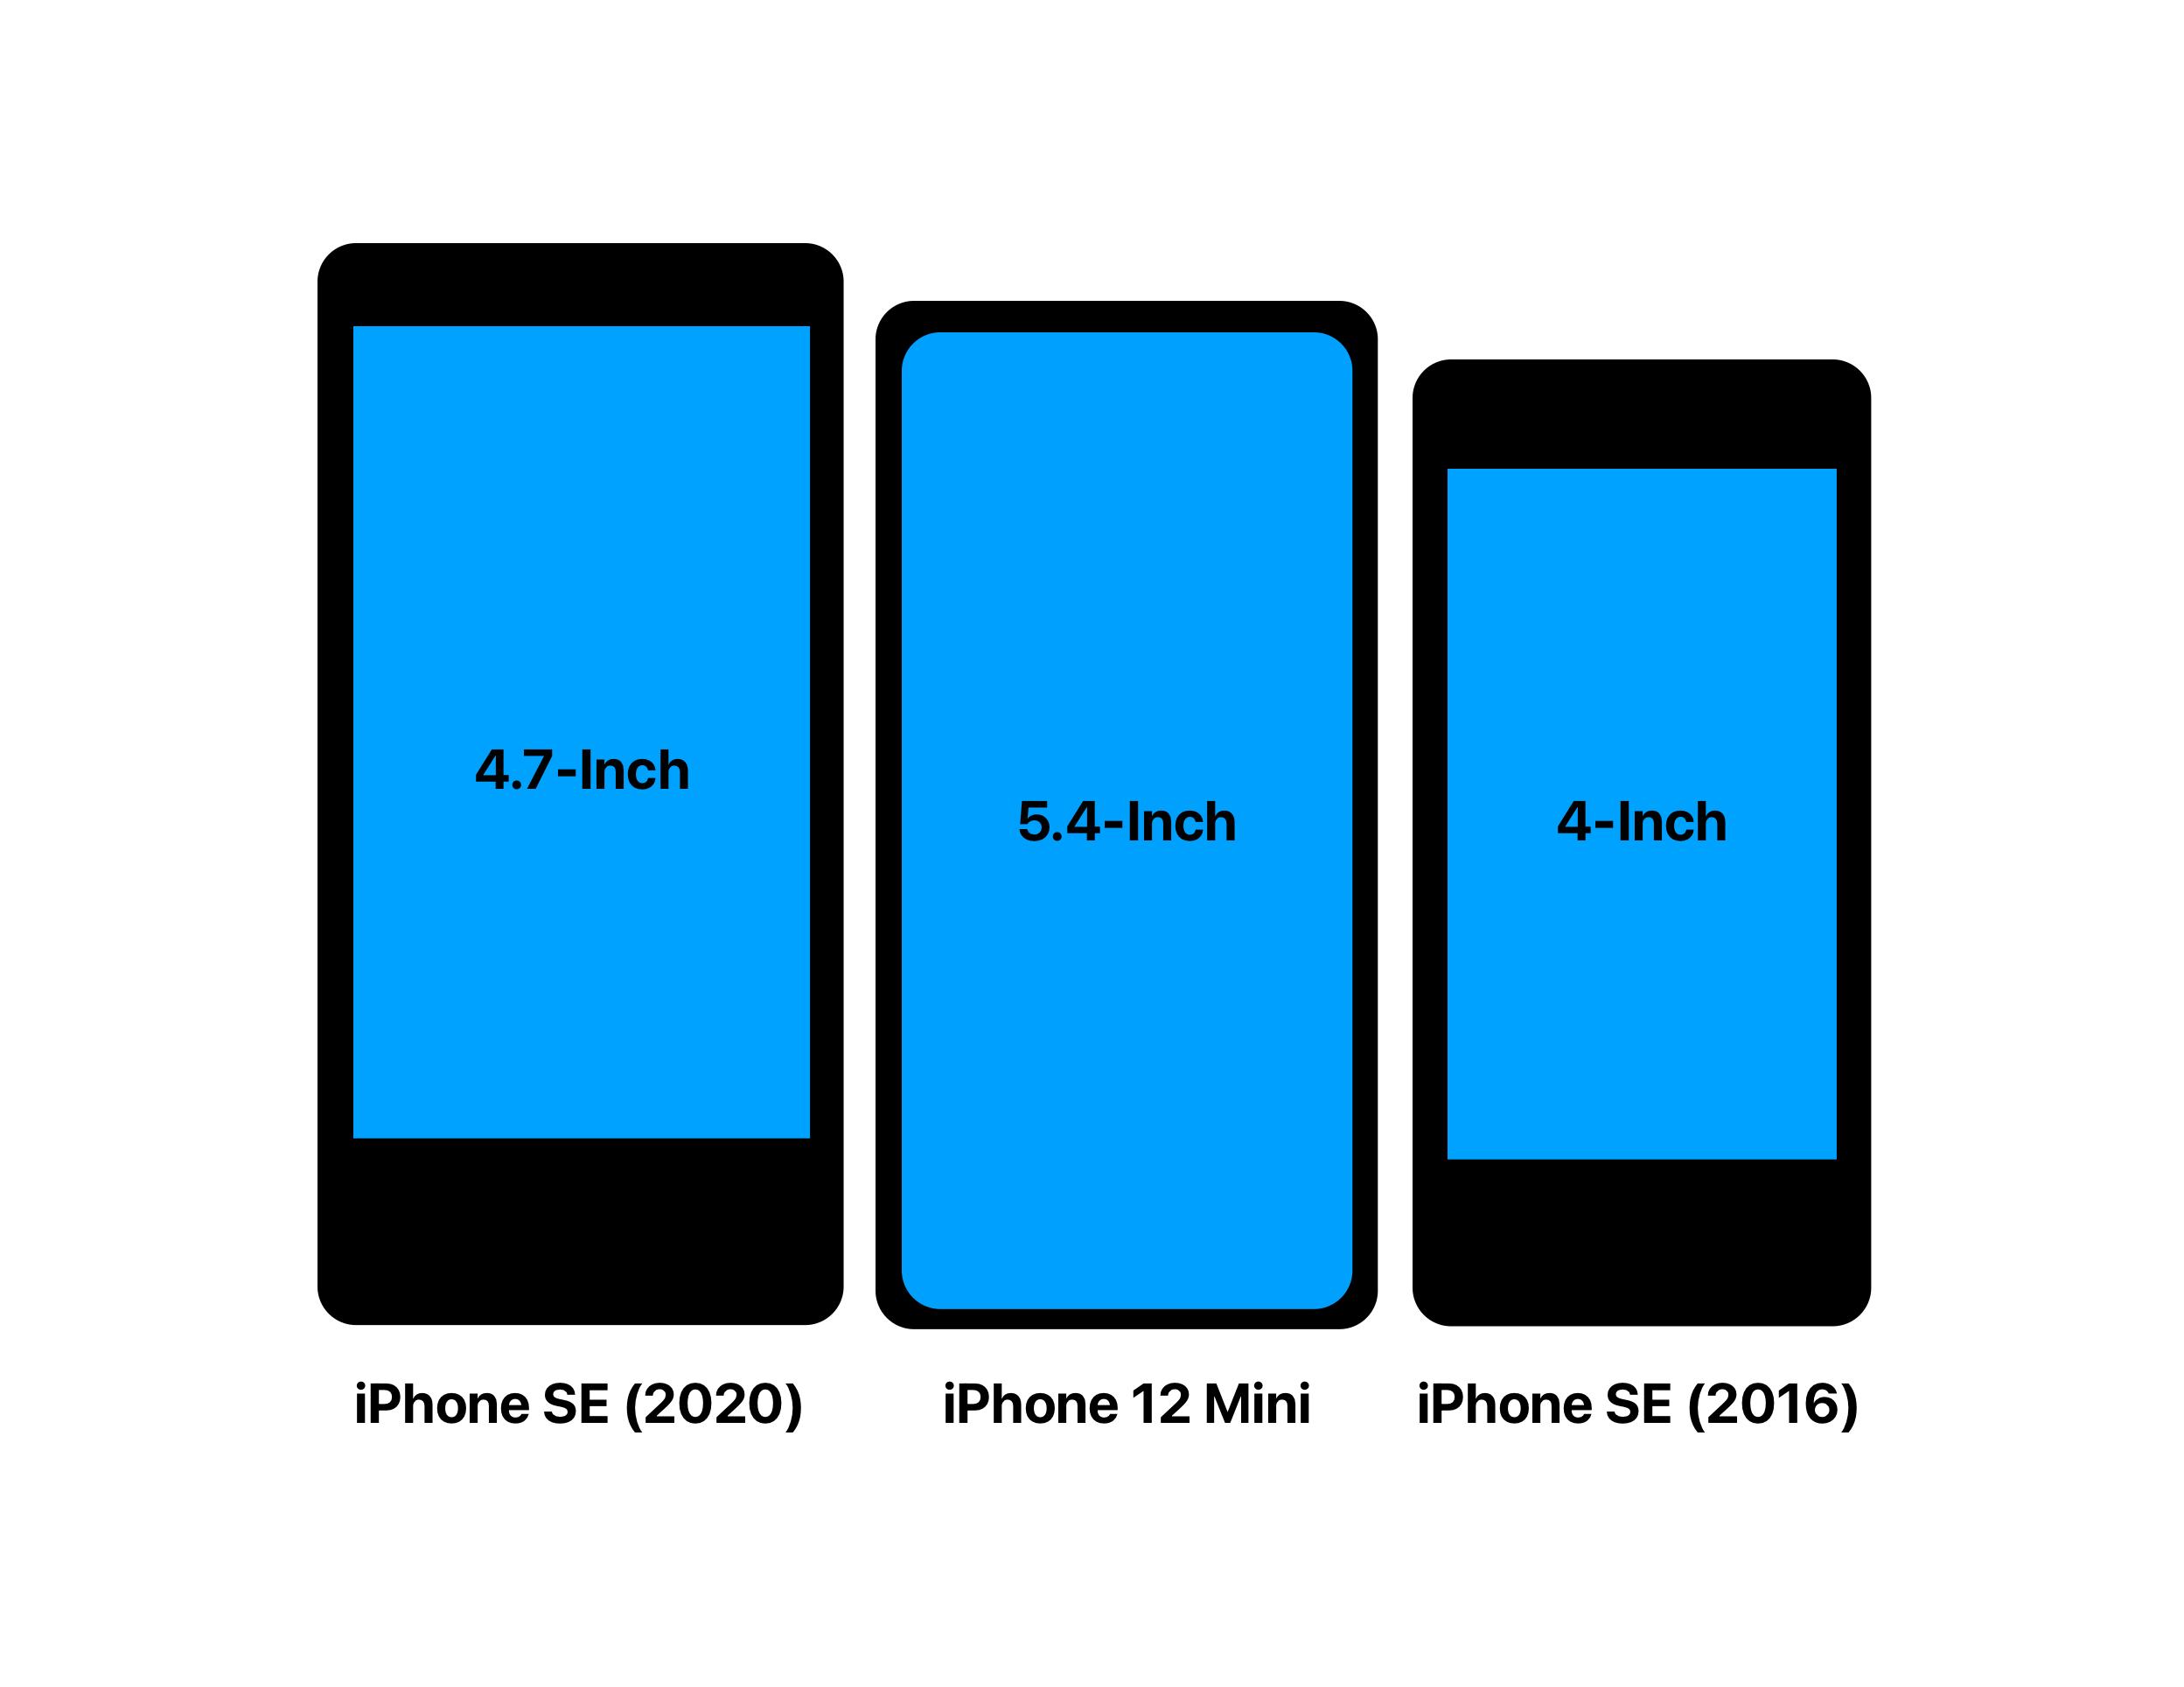 روکیدا | تقابل آیفون 12 مینی در برابر آیفون 2020 SE | آیفون, آیفون 12 مینی, اپل, گوشی آیفون, گوشی آیفون SE 2020